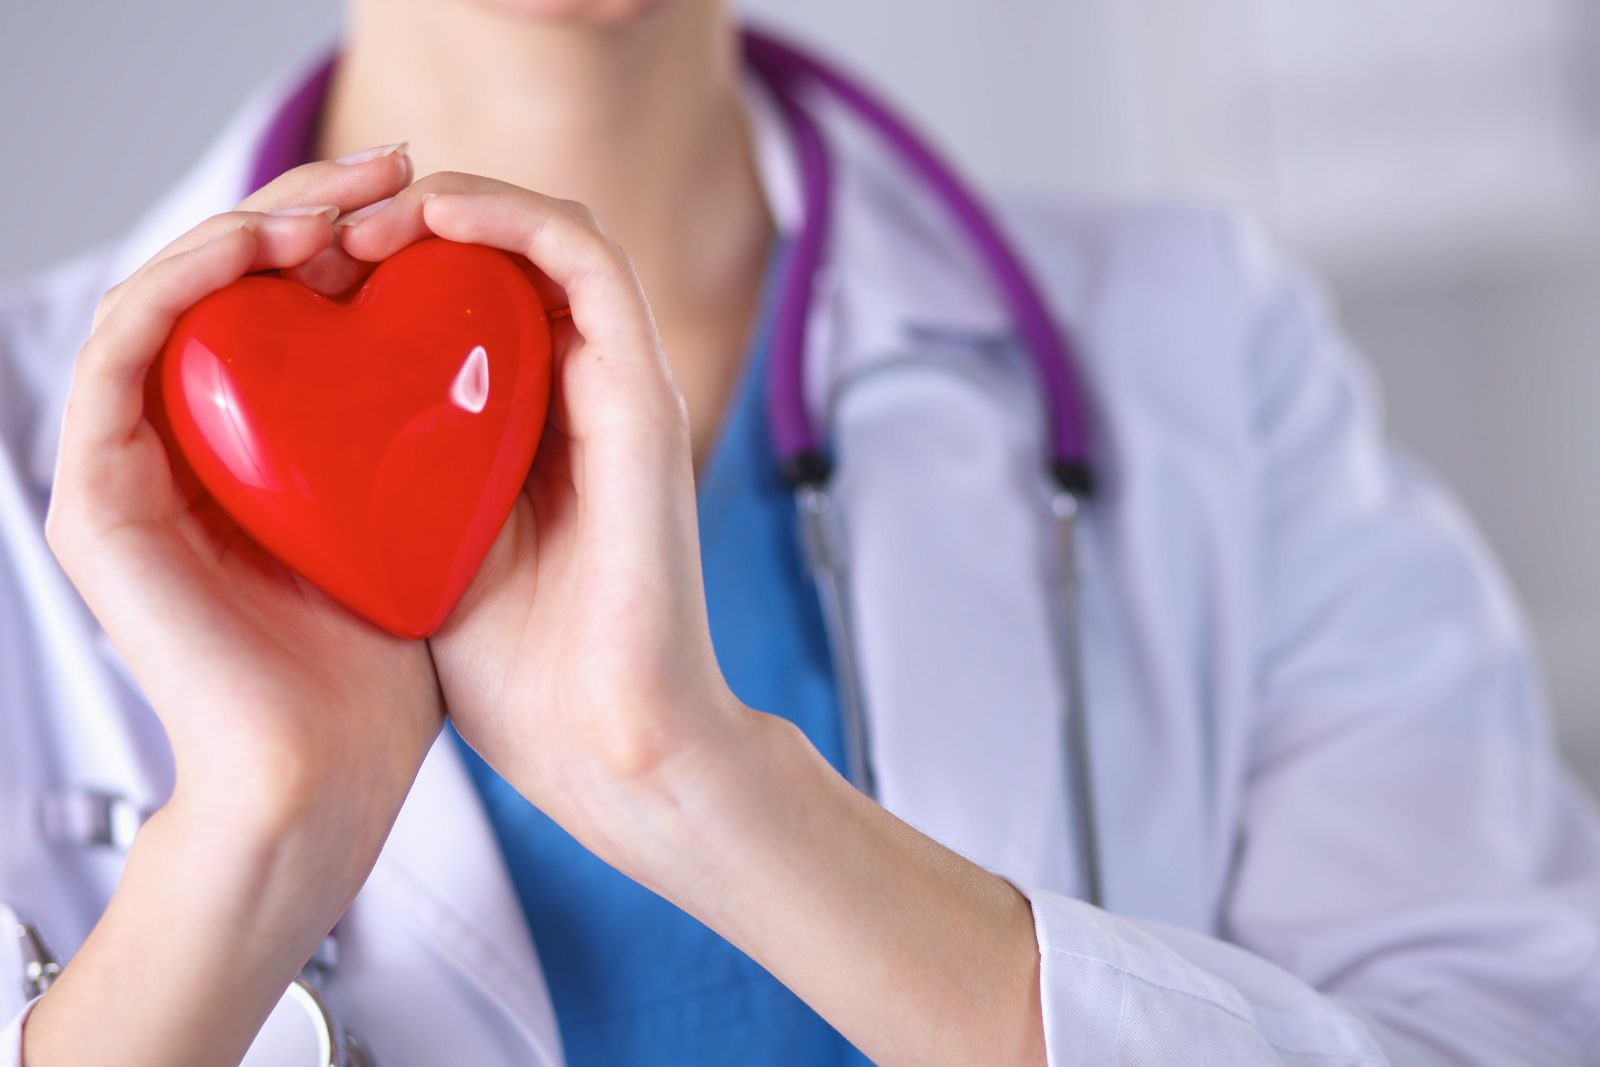 Doctora sostiene una figura con forma de corazón rjo en sus manos